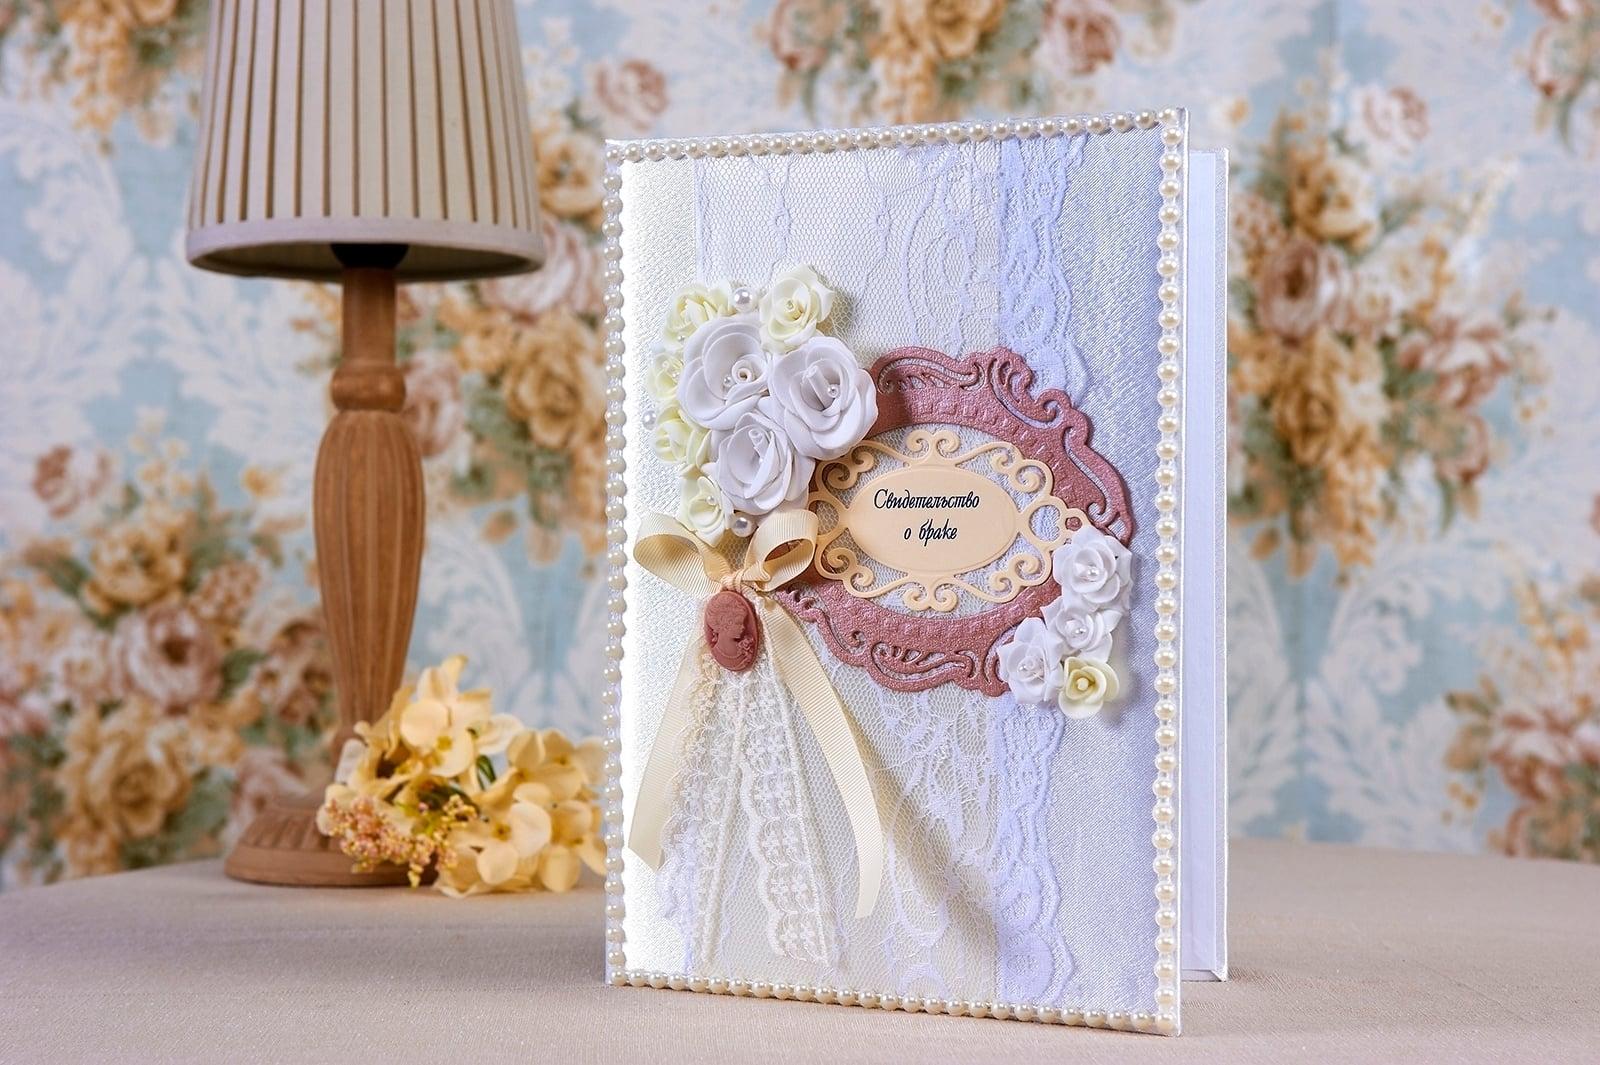 Элегантная папка для свидетельства о браке с цветными бутонами и кружевом.